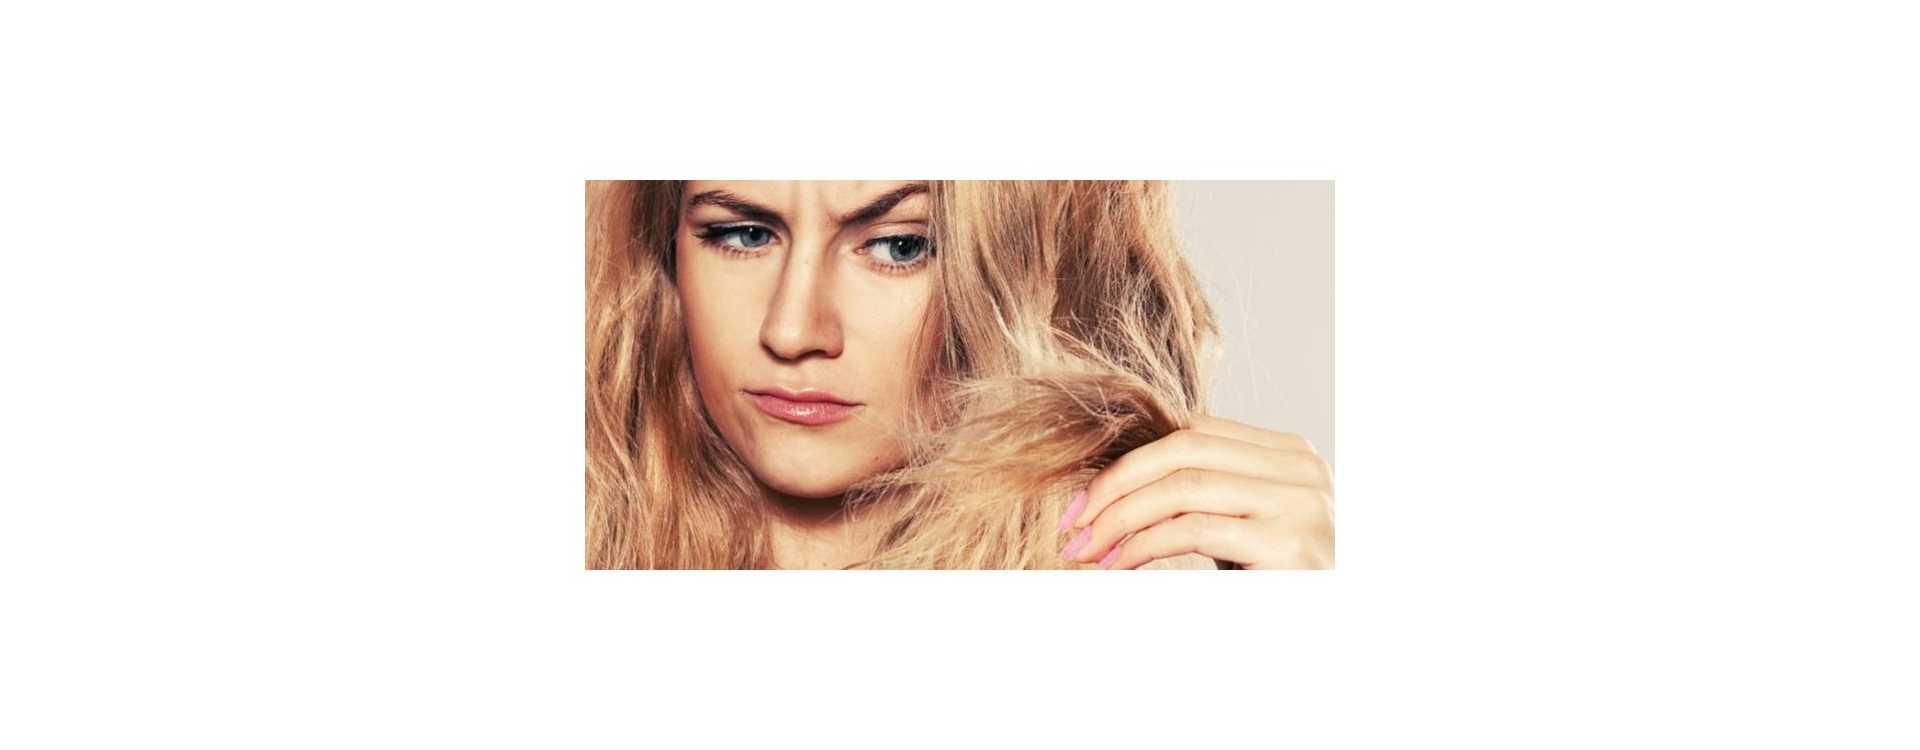 Hidratar el cabello seco y dañado de forma natural